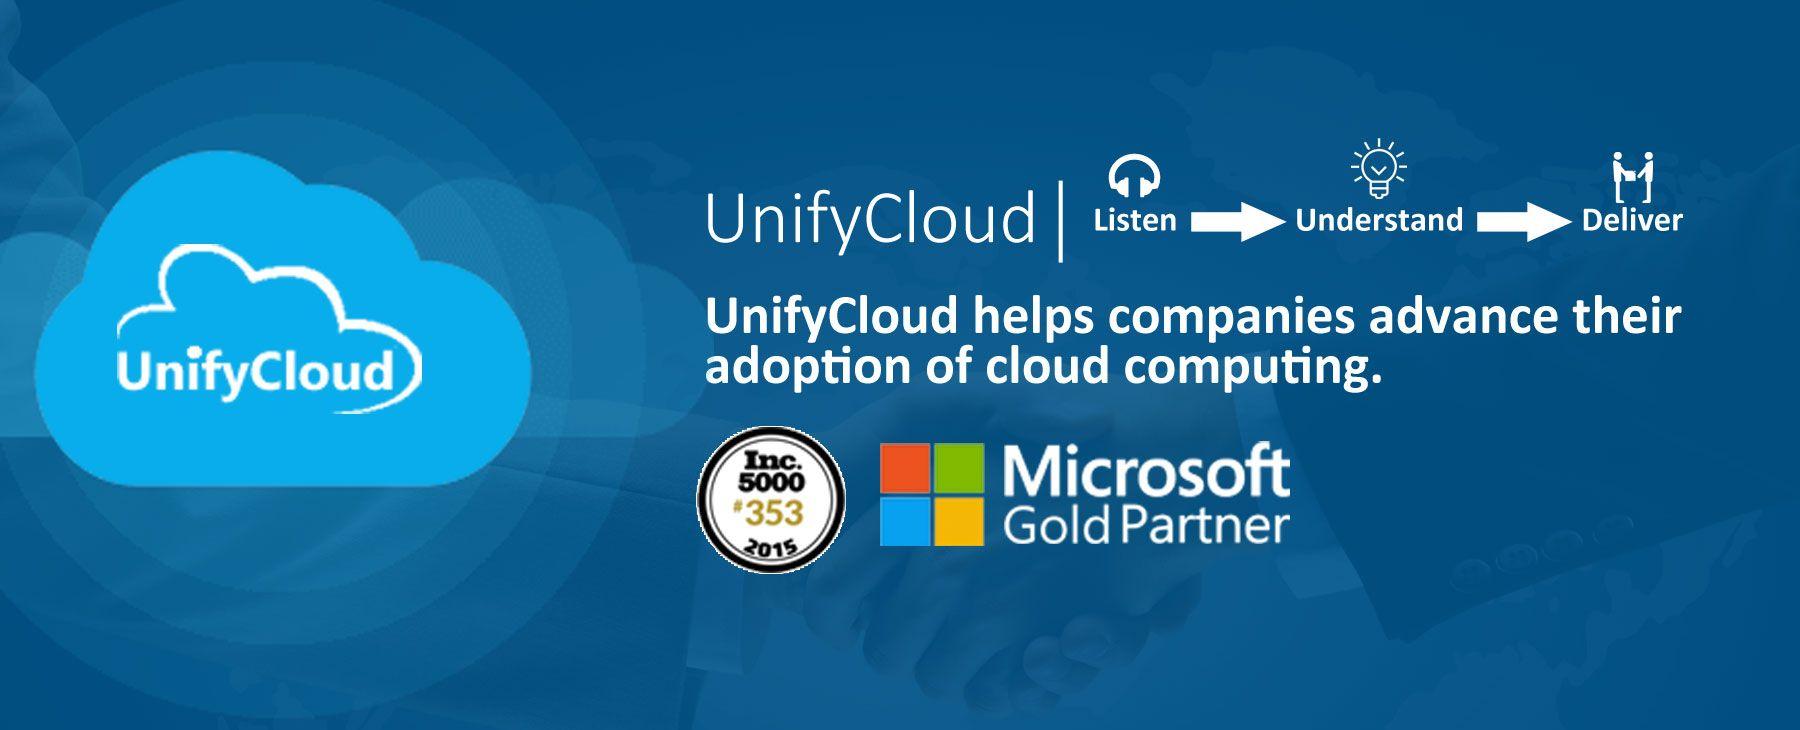 Pin by CloudAtlasInc on CloudAtlas® Cloud Migration Tools